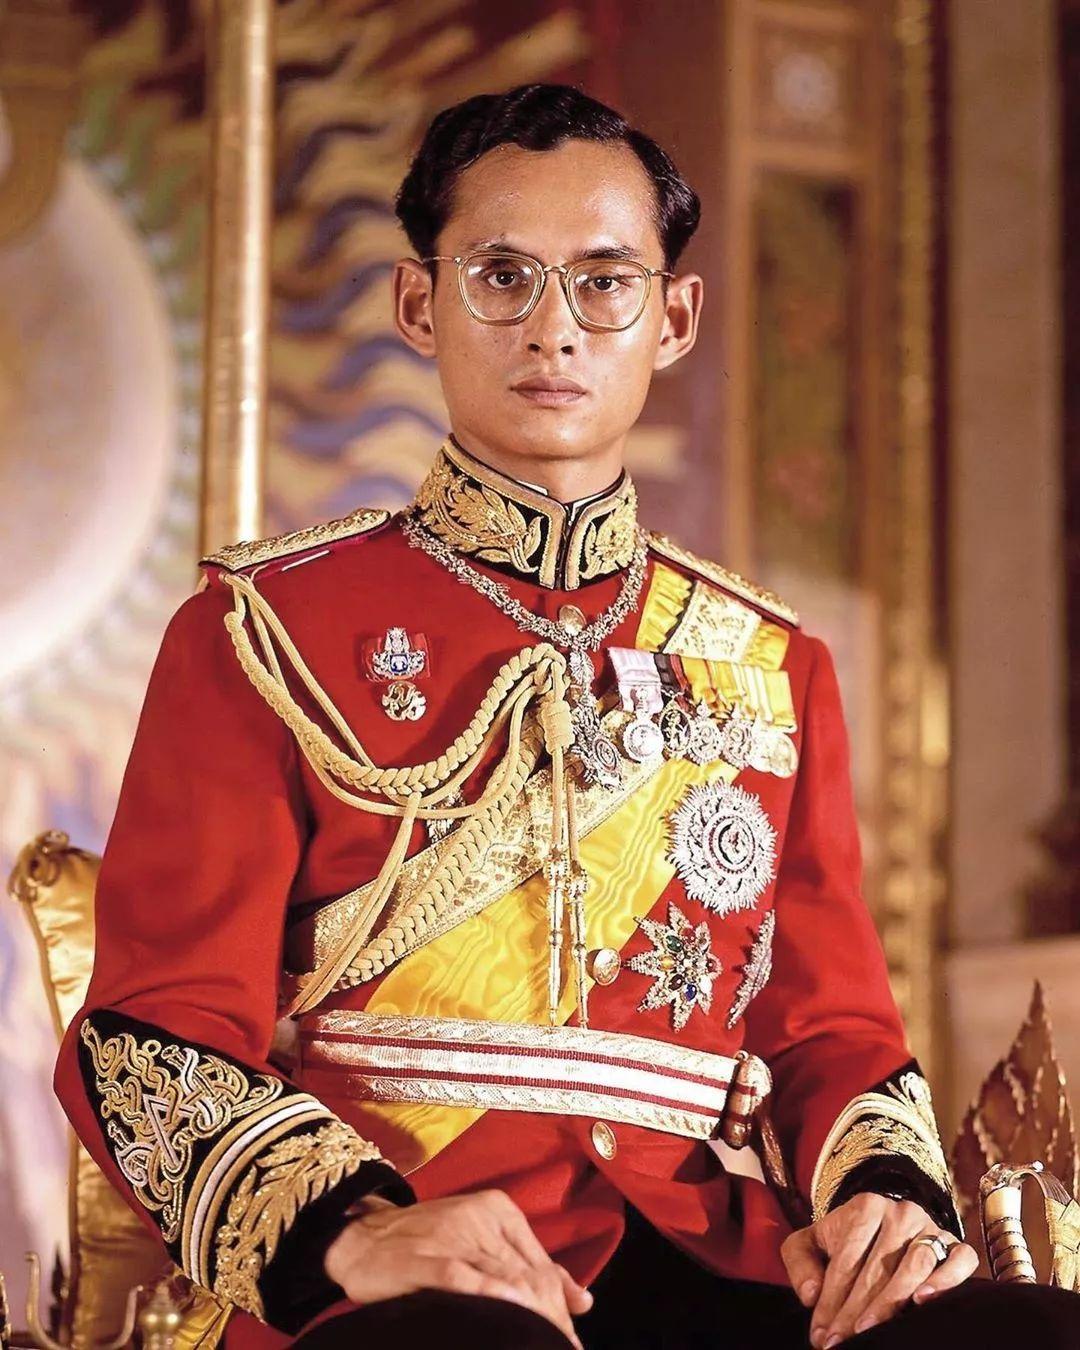 为了看新王妃的美照,泰国人民把网站挤瘫痪了……